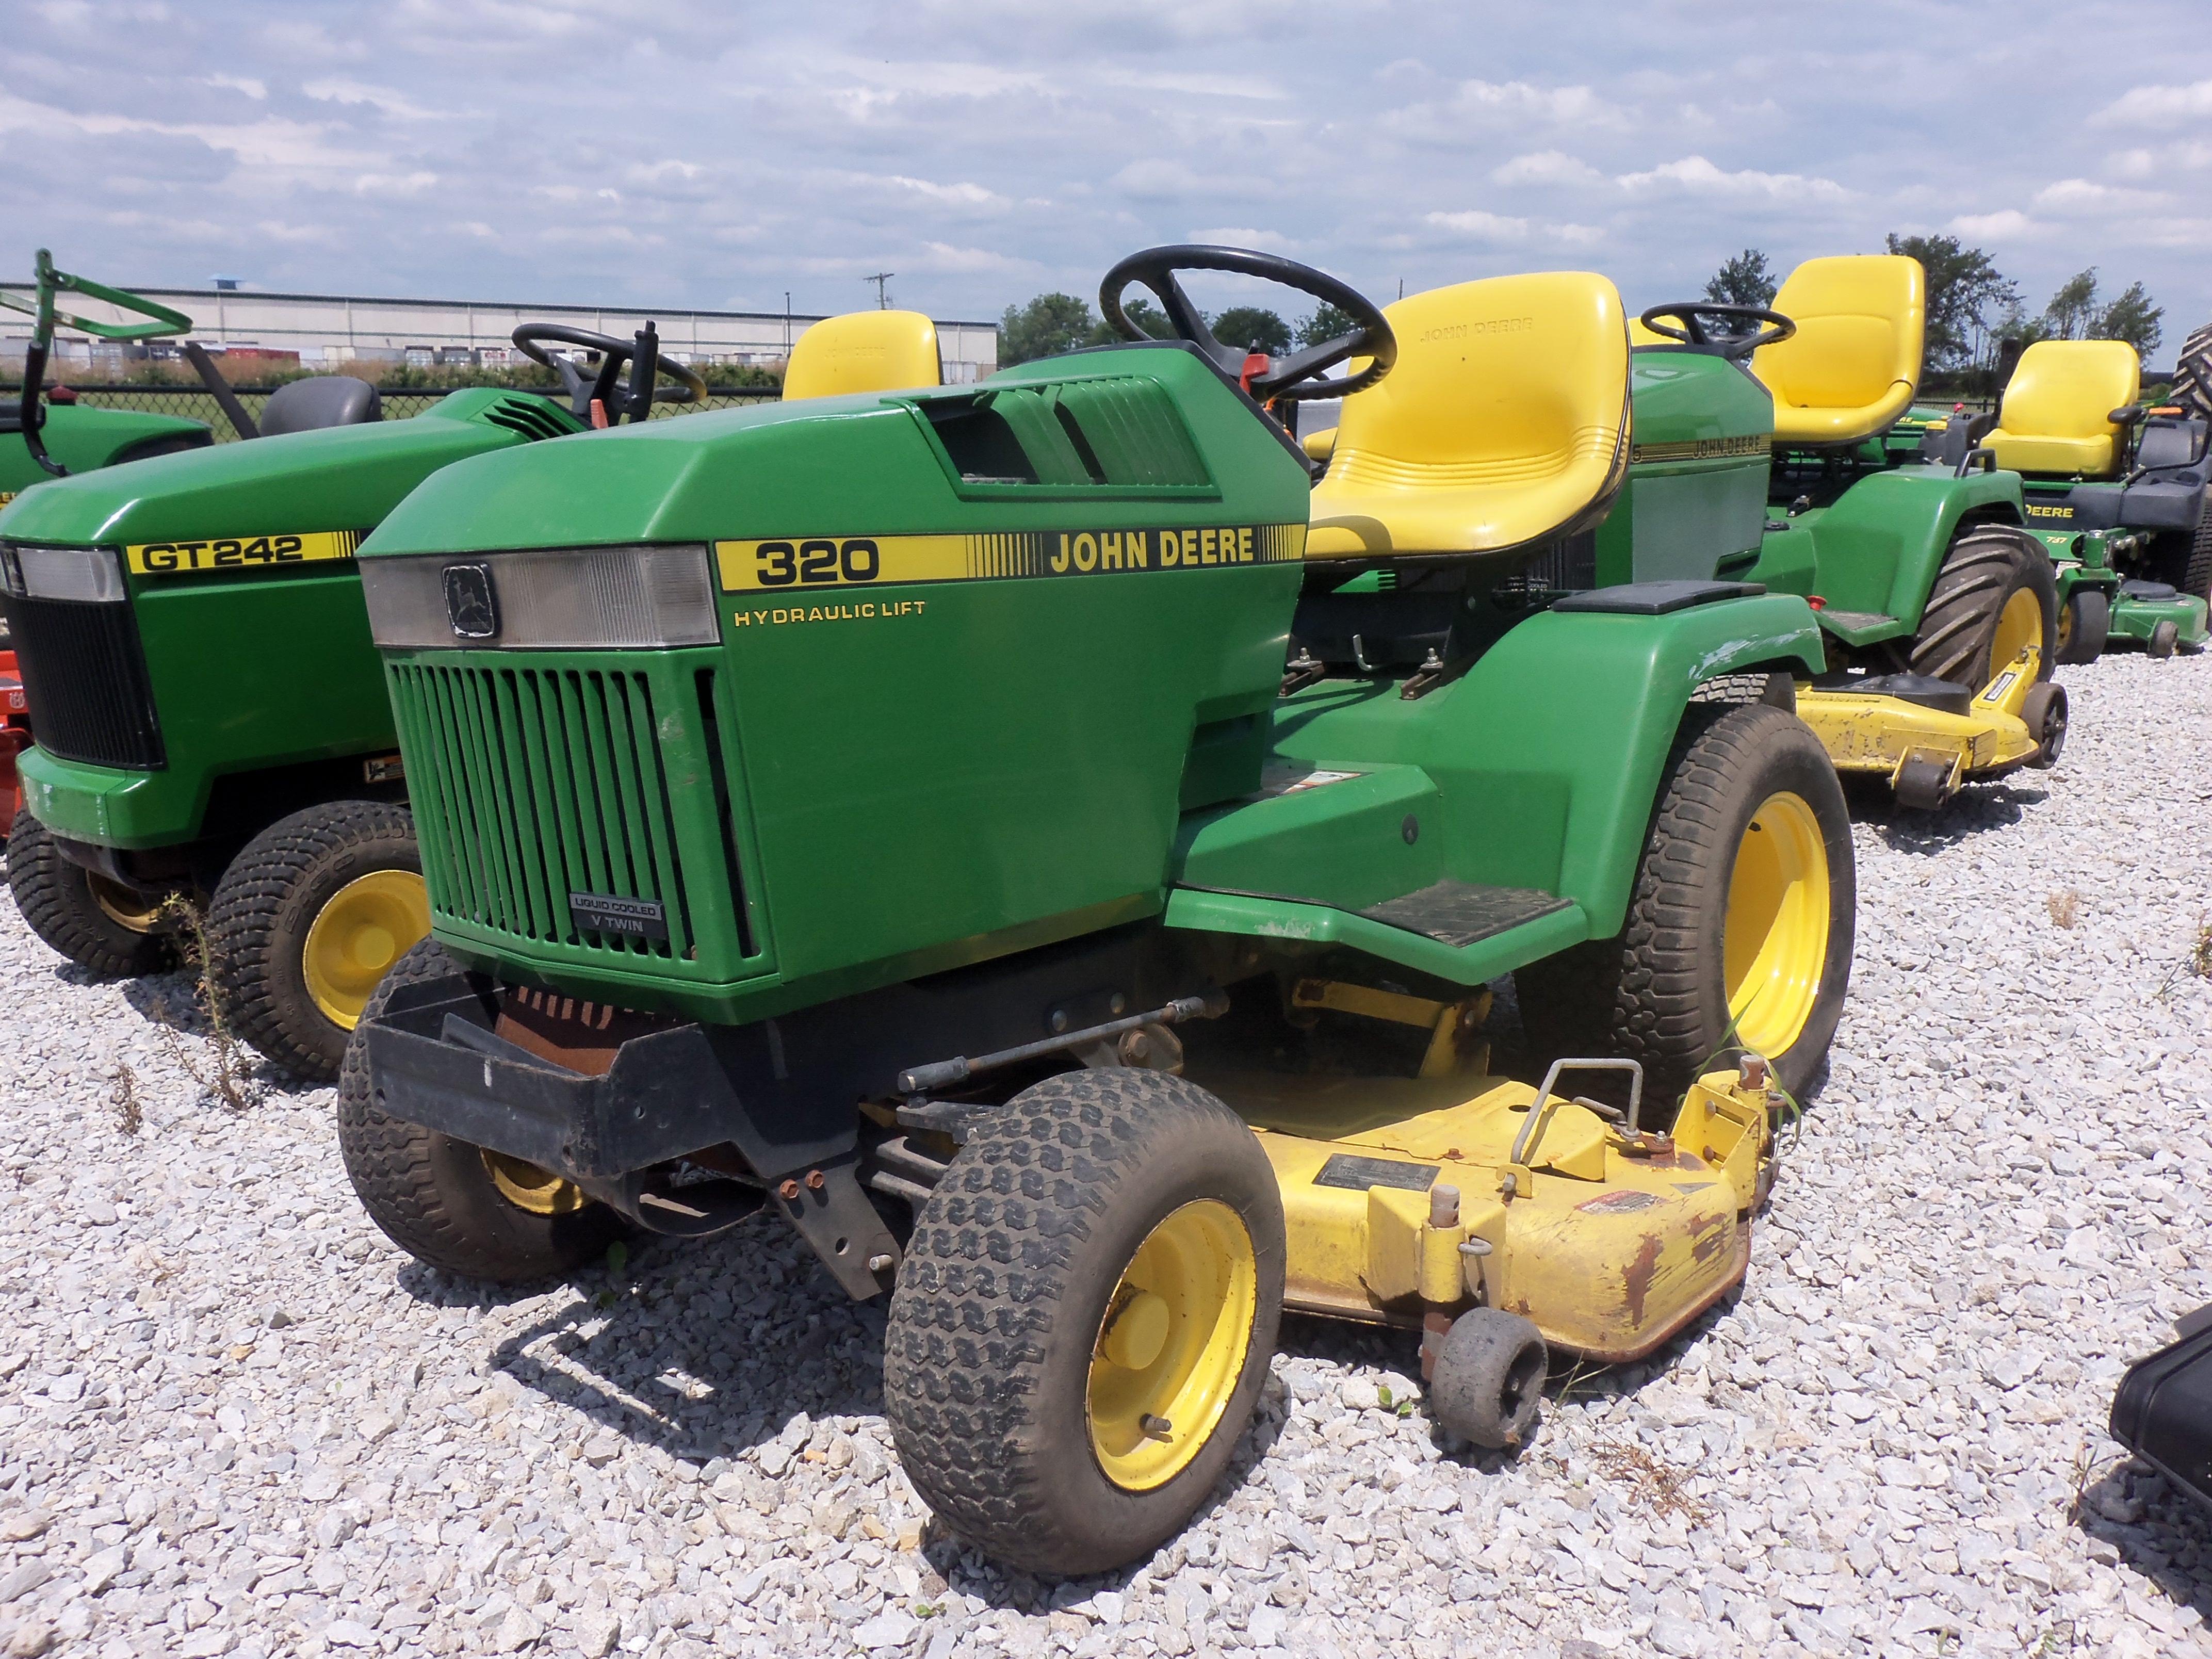 La 100 John Deere Lawn Mower Wiring Diagram Reinvent Your Pioneer Deh 425 320 Tractor Tractors Rh Tractorhd Mobi 1973 112 Headlight